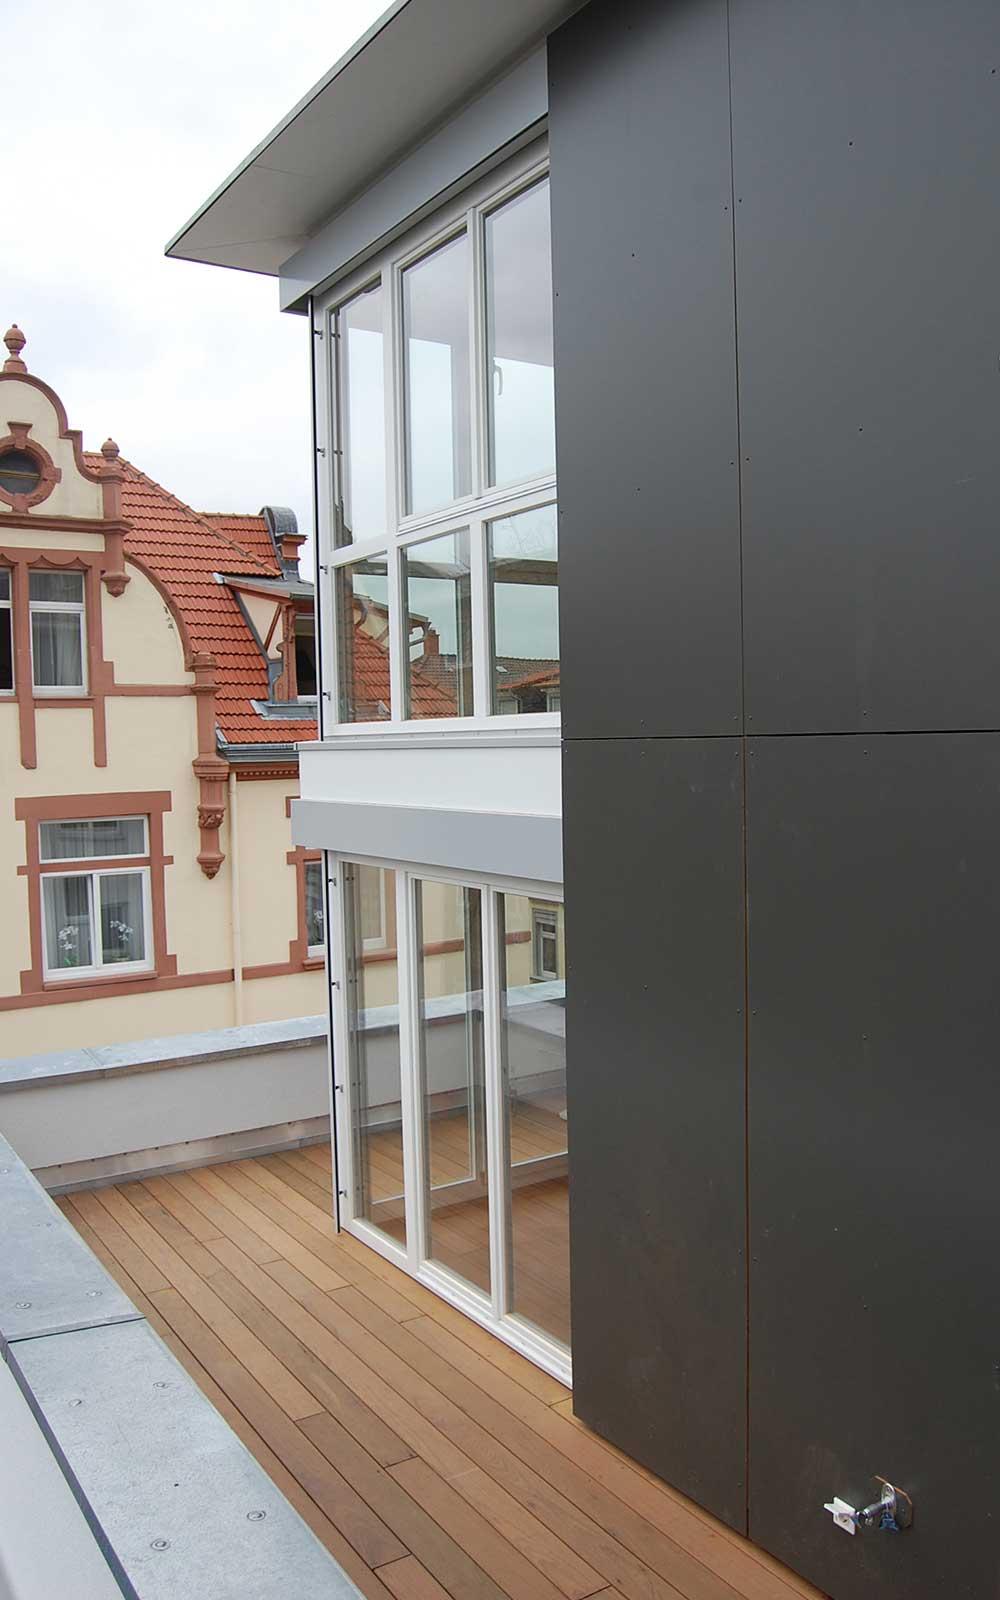 Mehrfamilienhaus Weststadt Heidelberg, Architekturbüro Kochhan und Weckbach